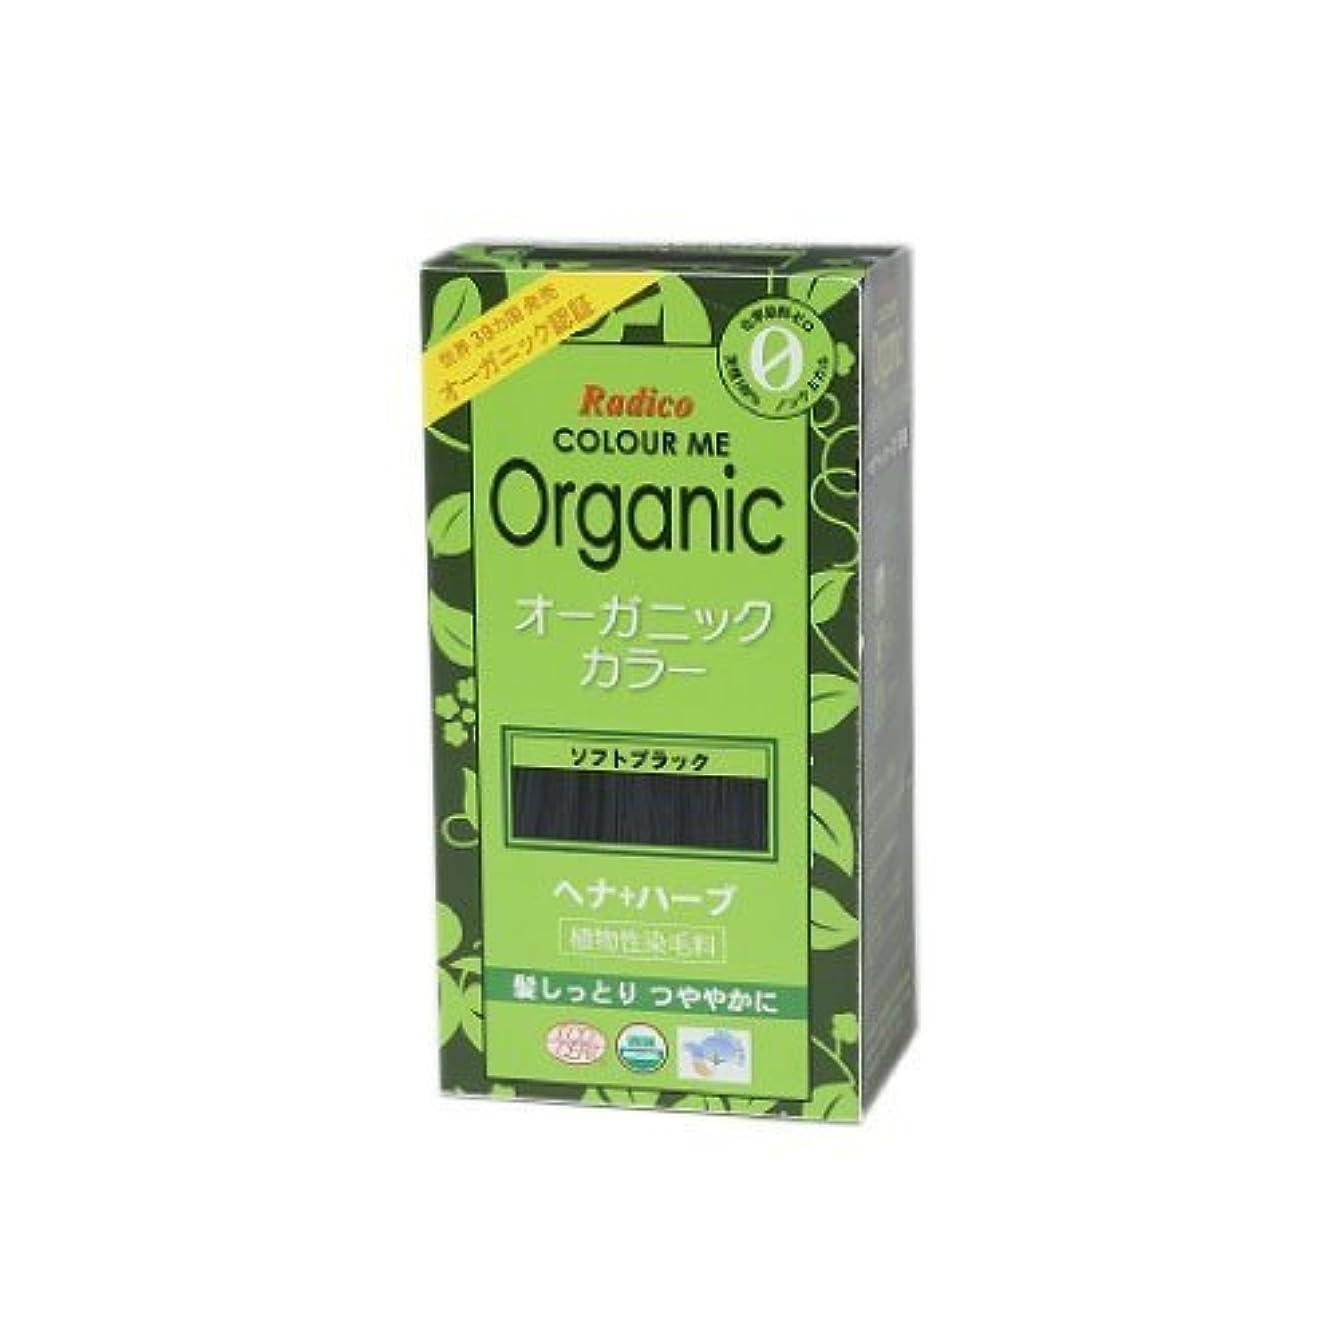 ロック解除ホイップ繁雑COLOURME Organic (カラーミーオーガニック ヘナ 白髪用 髪色戻し) ソフトブラック 100g